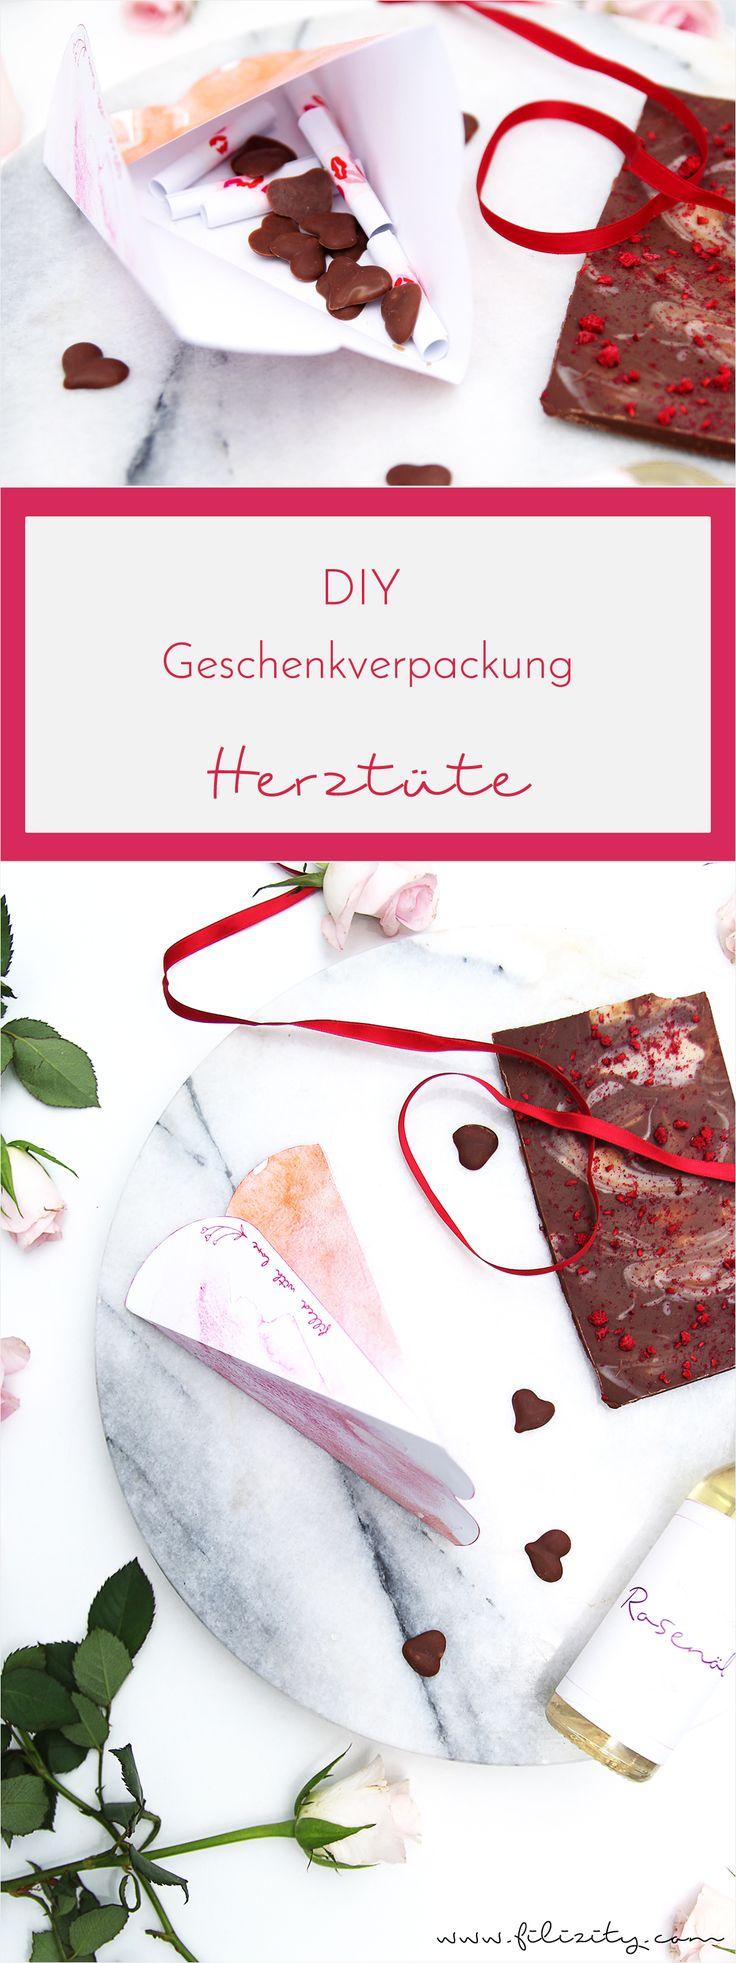 159 besten Valentinstag Bilder auf Pinterest | Diy geschenke ...